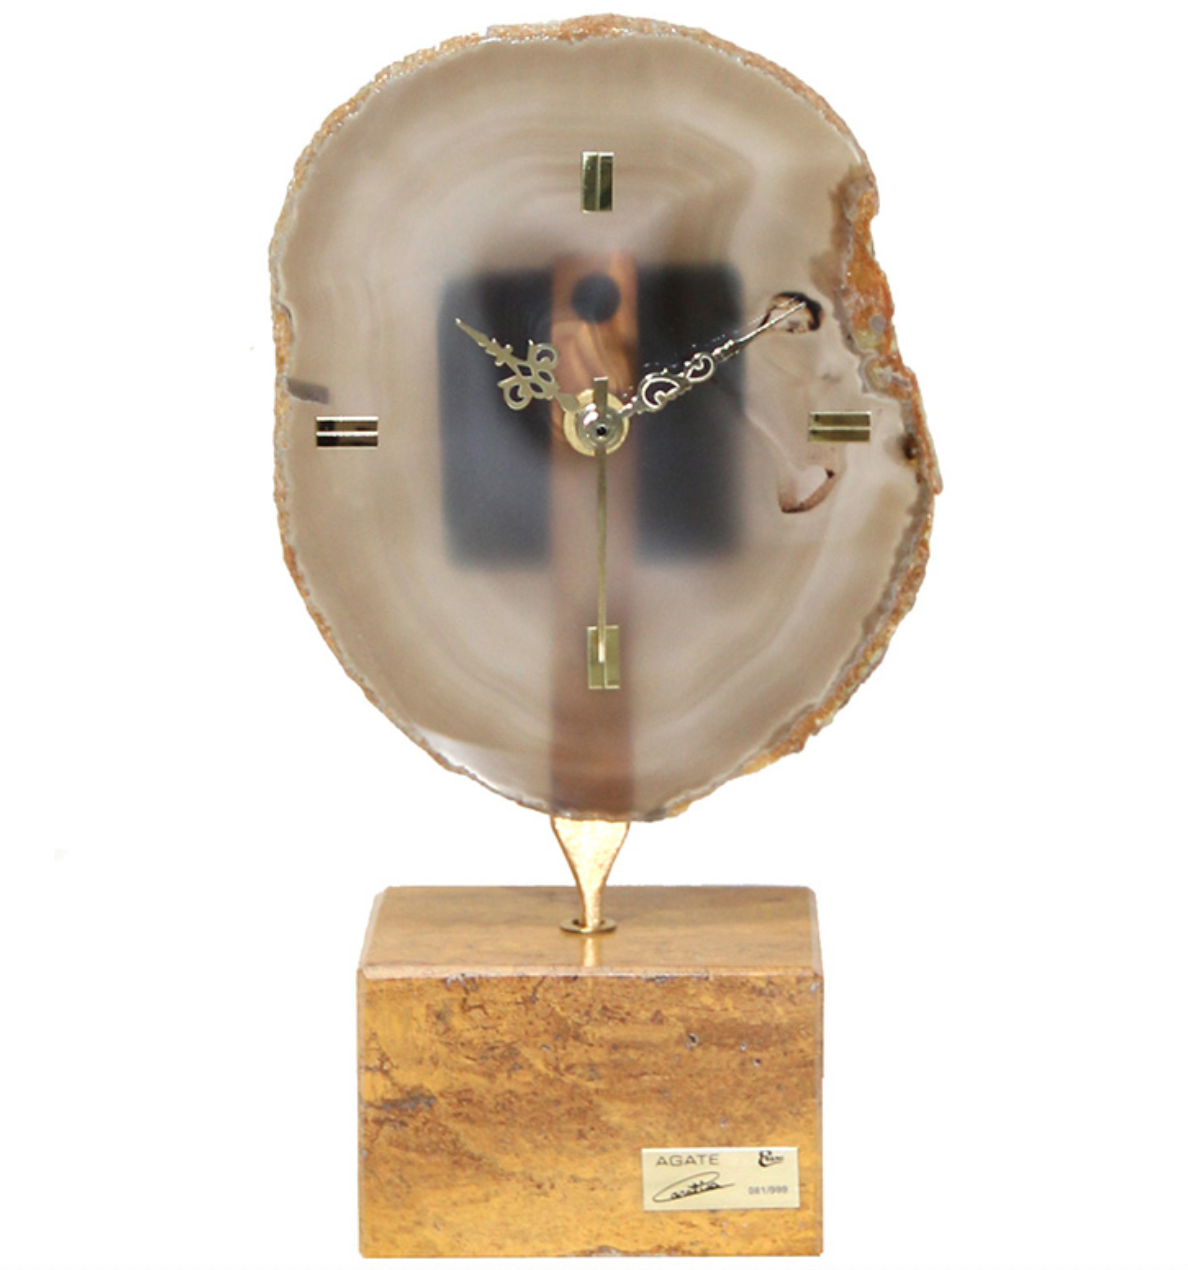 阿斯蒙迪 進口天然 水晶瑪瑙 創意座鐘